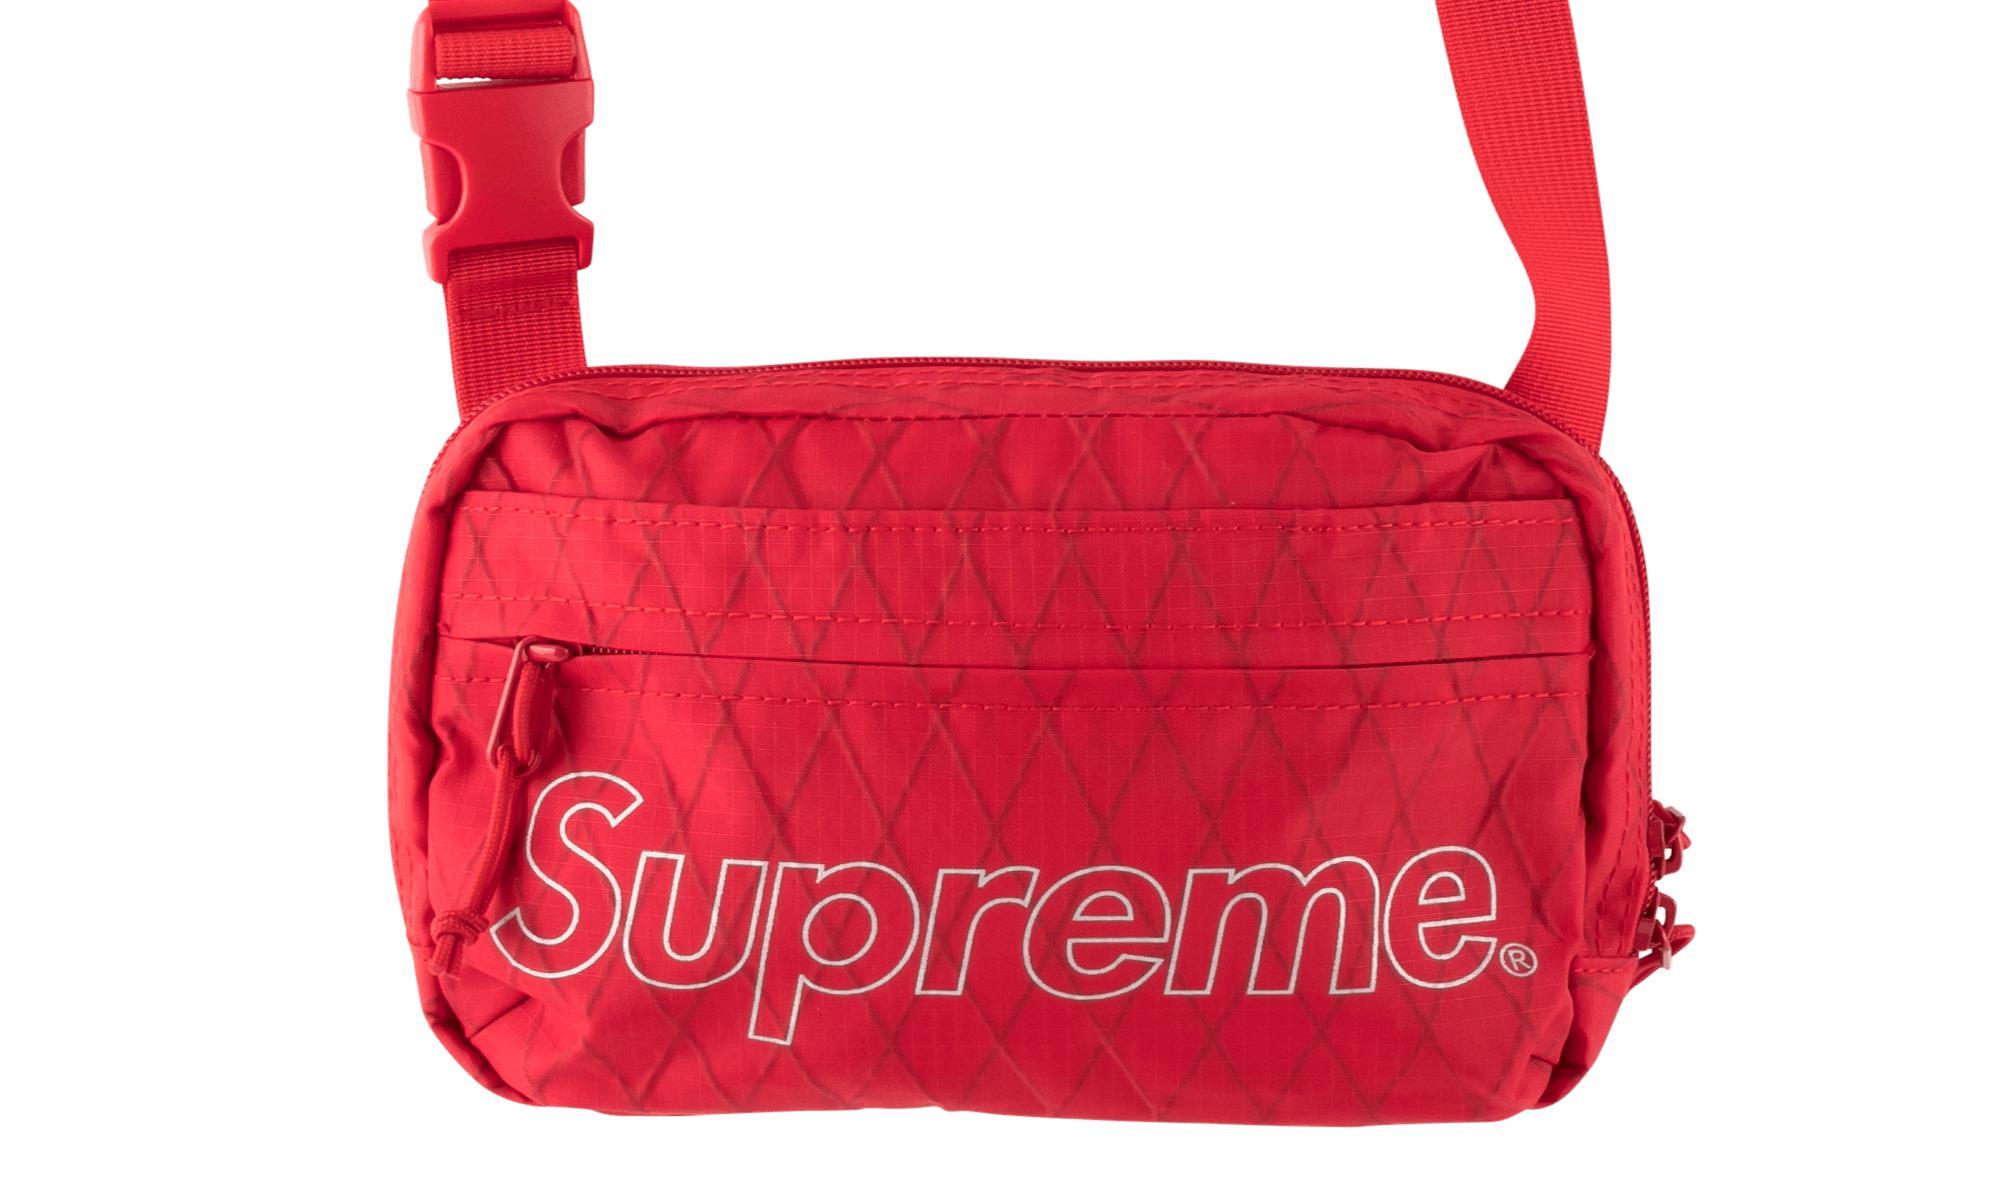 7360a65428d Supreme - Red Shoulder Bag - Lyst. View fullscreen